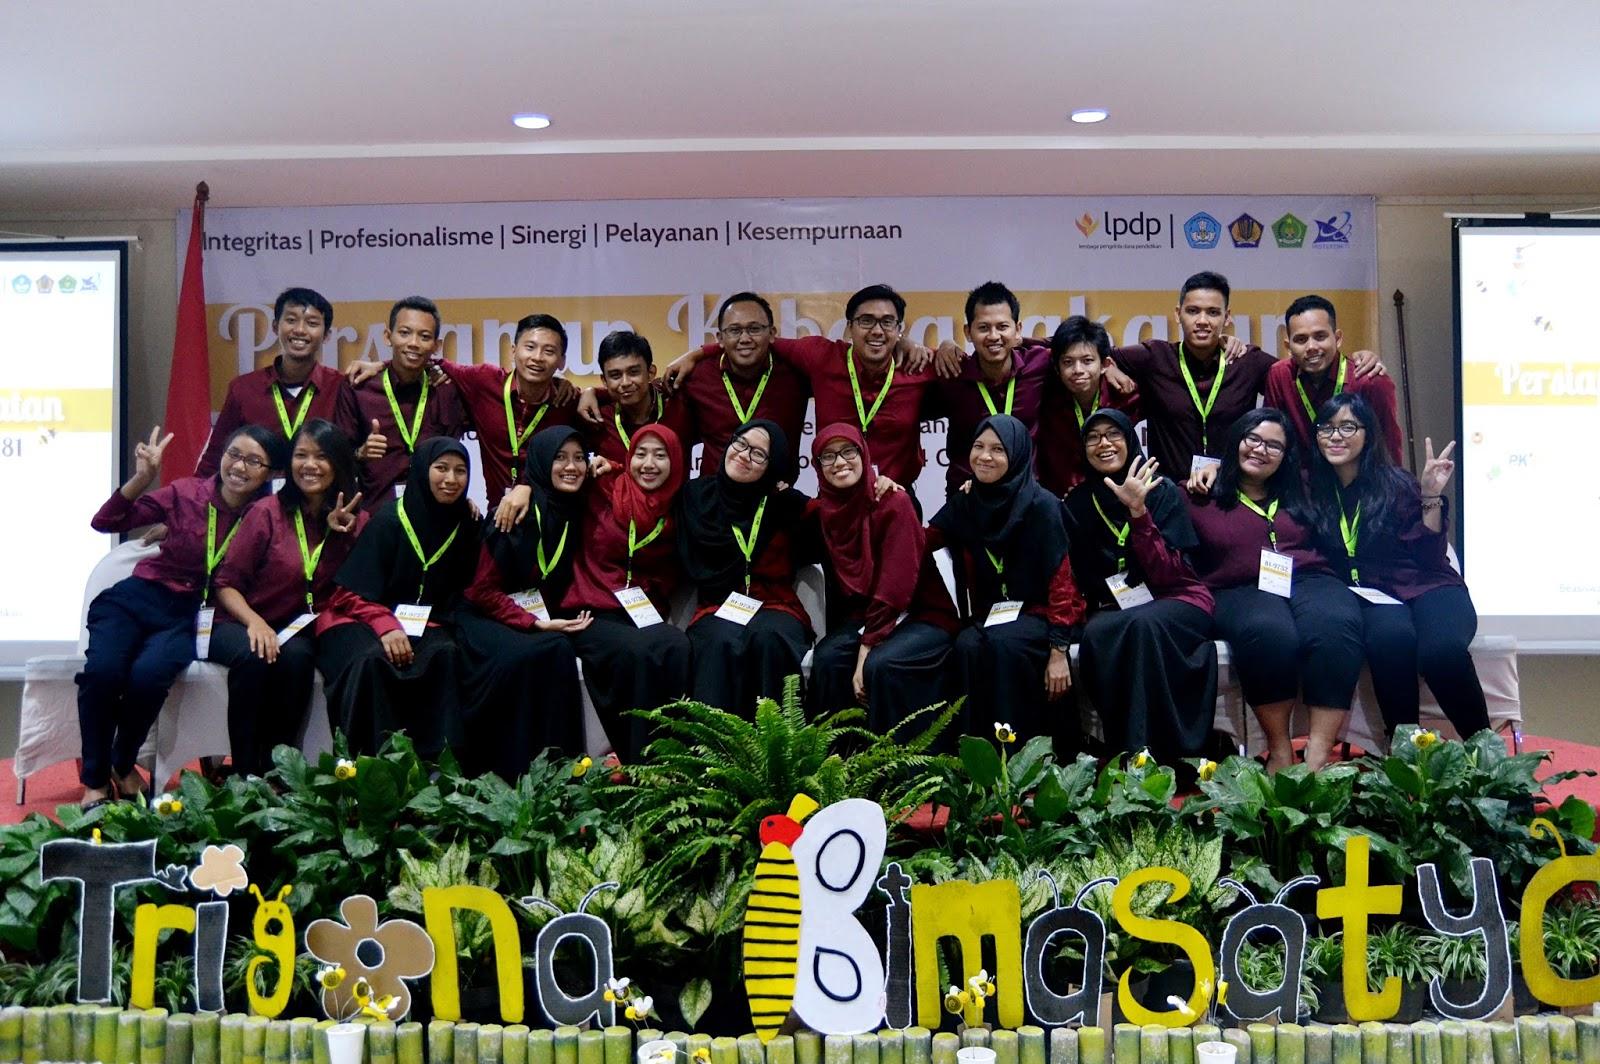 Intellectual Blog Contoh Essay Lpdp Peranku Bagi Indonesia